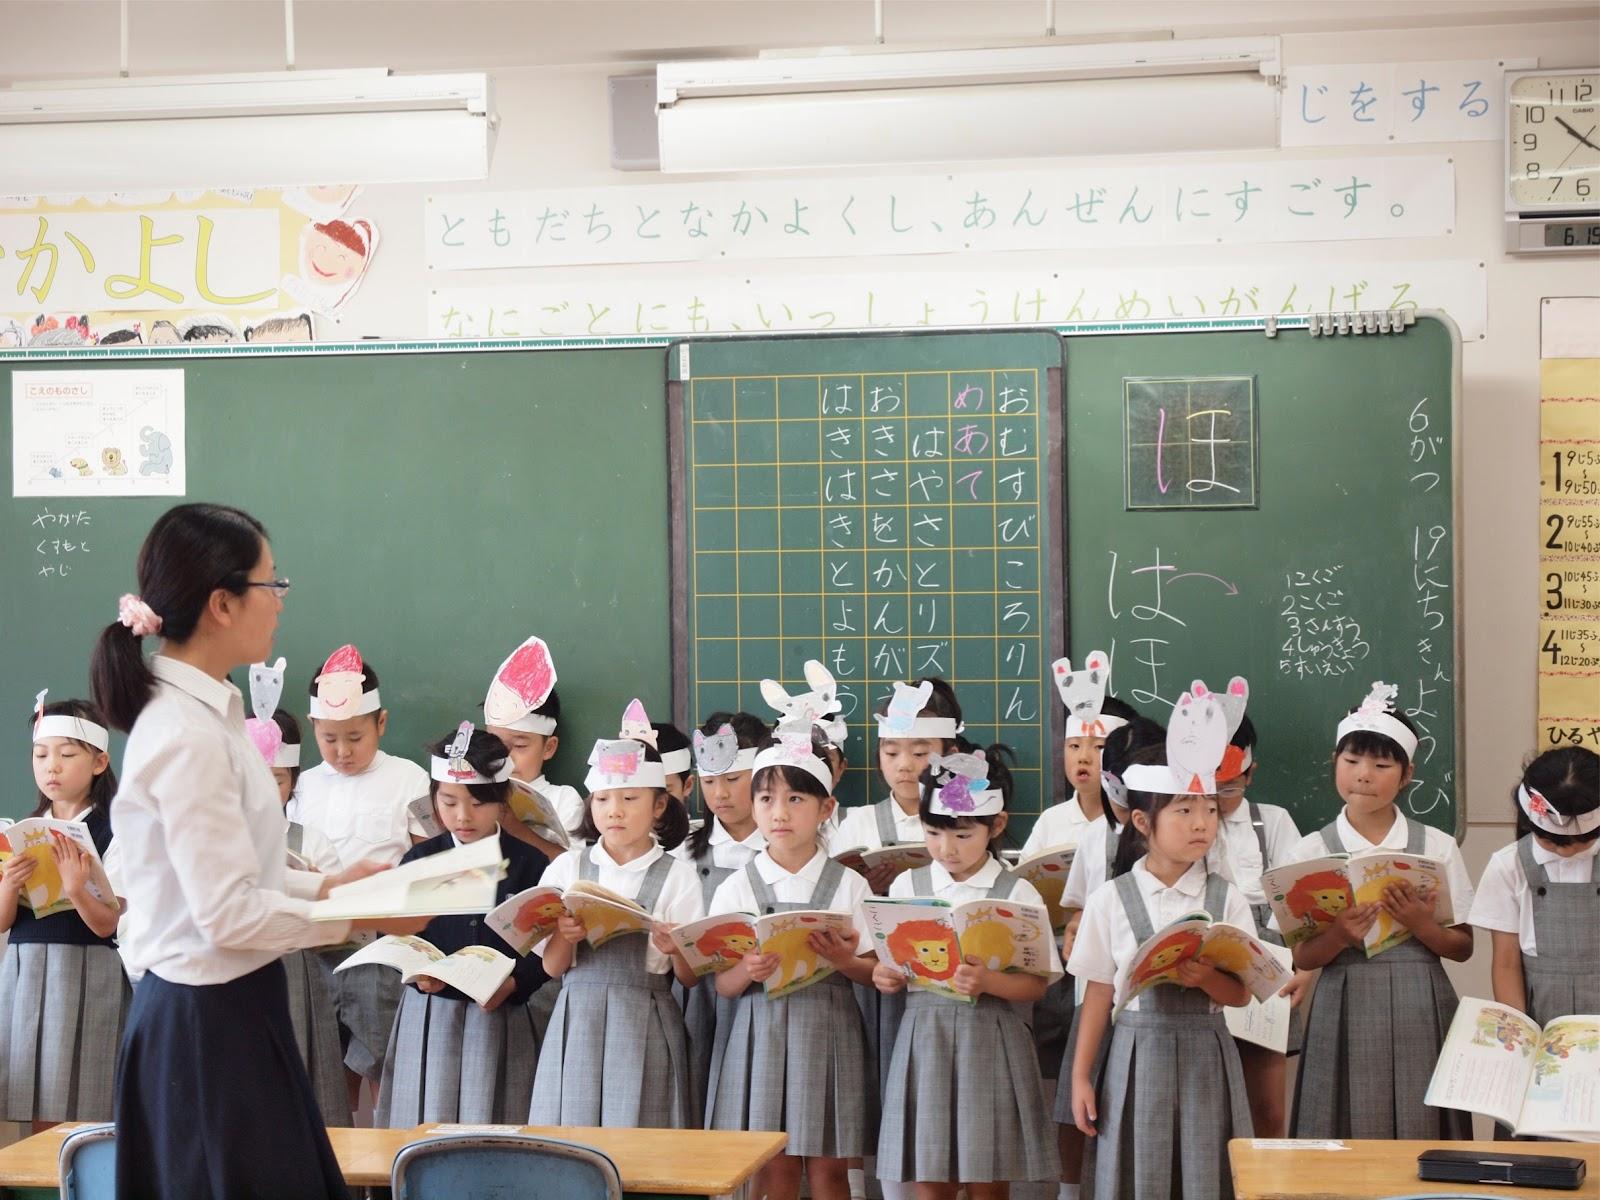 国語 1年生 国語 : 小学校: KEIAI TV vol14 1年生 国語 ...